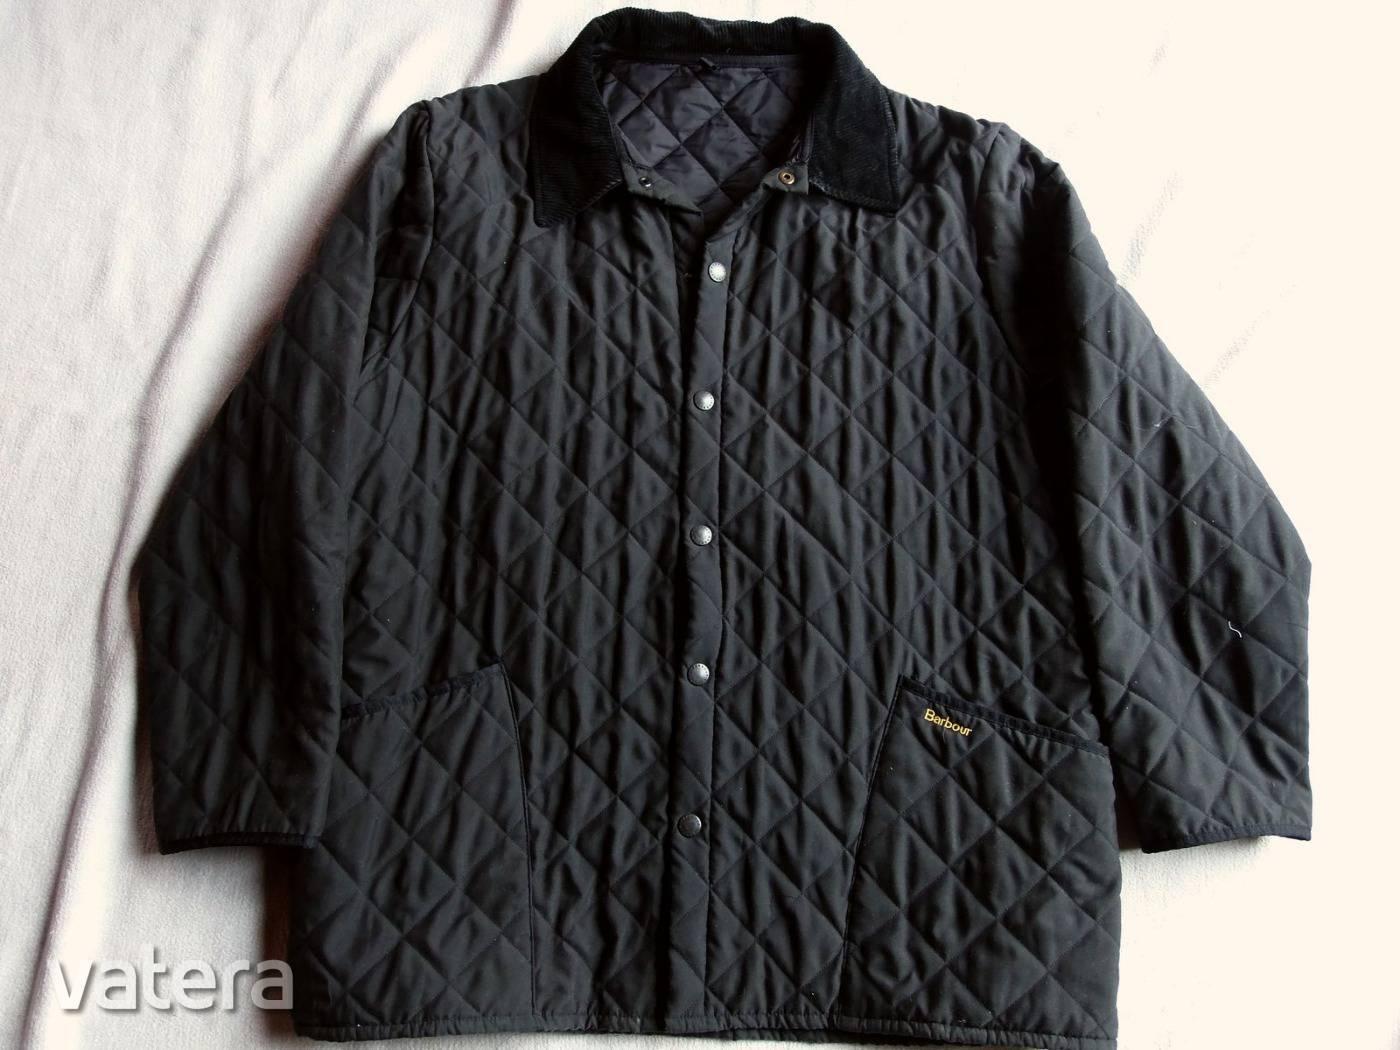 904bba6324 BARBOUR steppelt kabát - 7000 Ft - (meghosszabbítva: 2743947434) - Vatera.hu